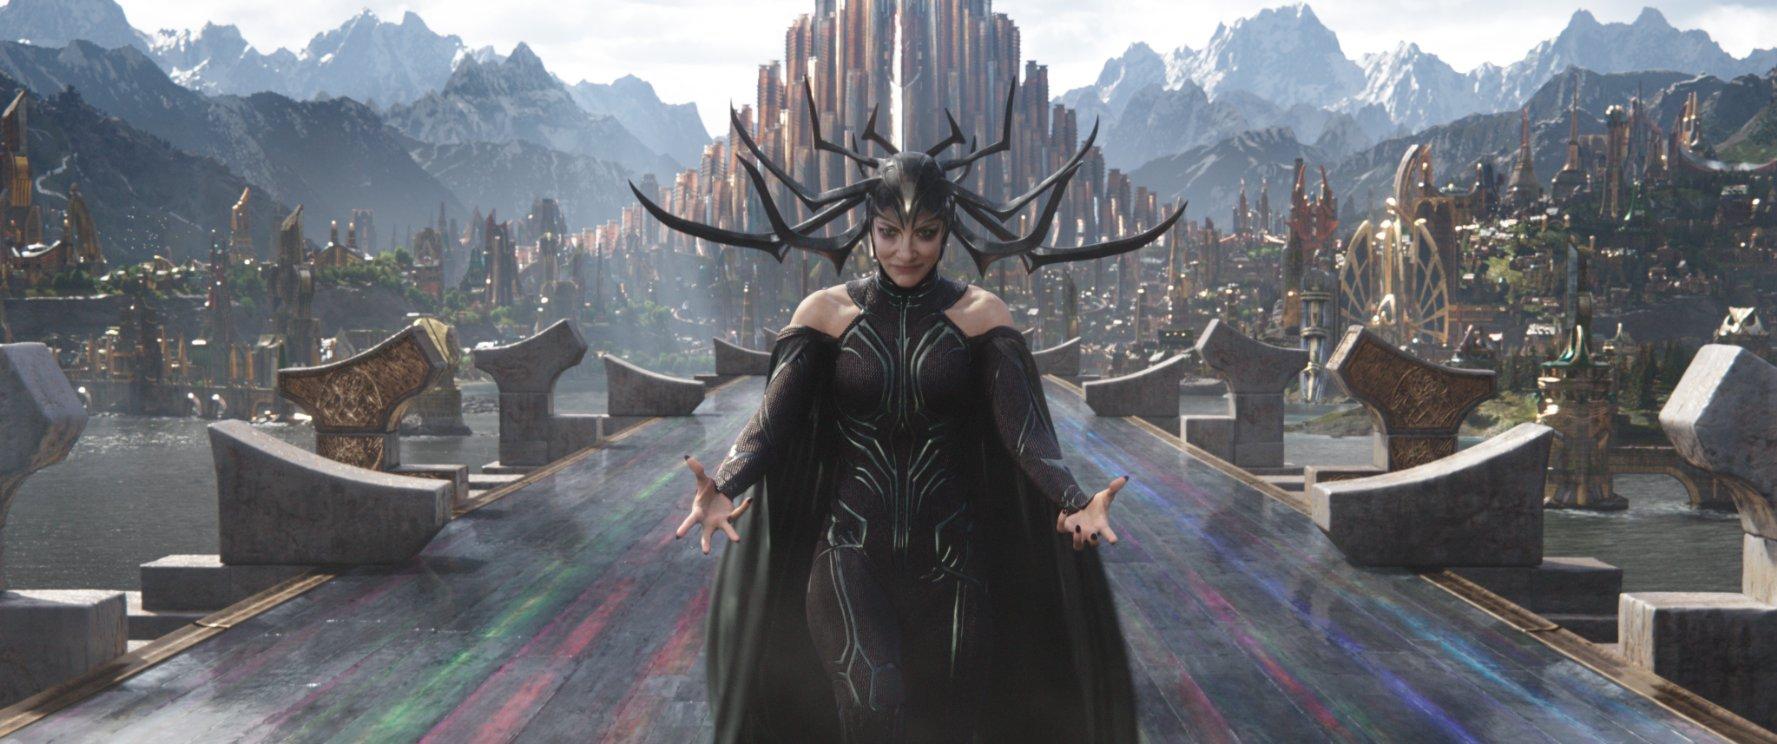 Thor: Ragnarok - Hài hước, hấp dẫn từng phút từng giây - Ảnh 8.